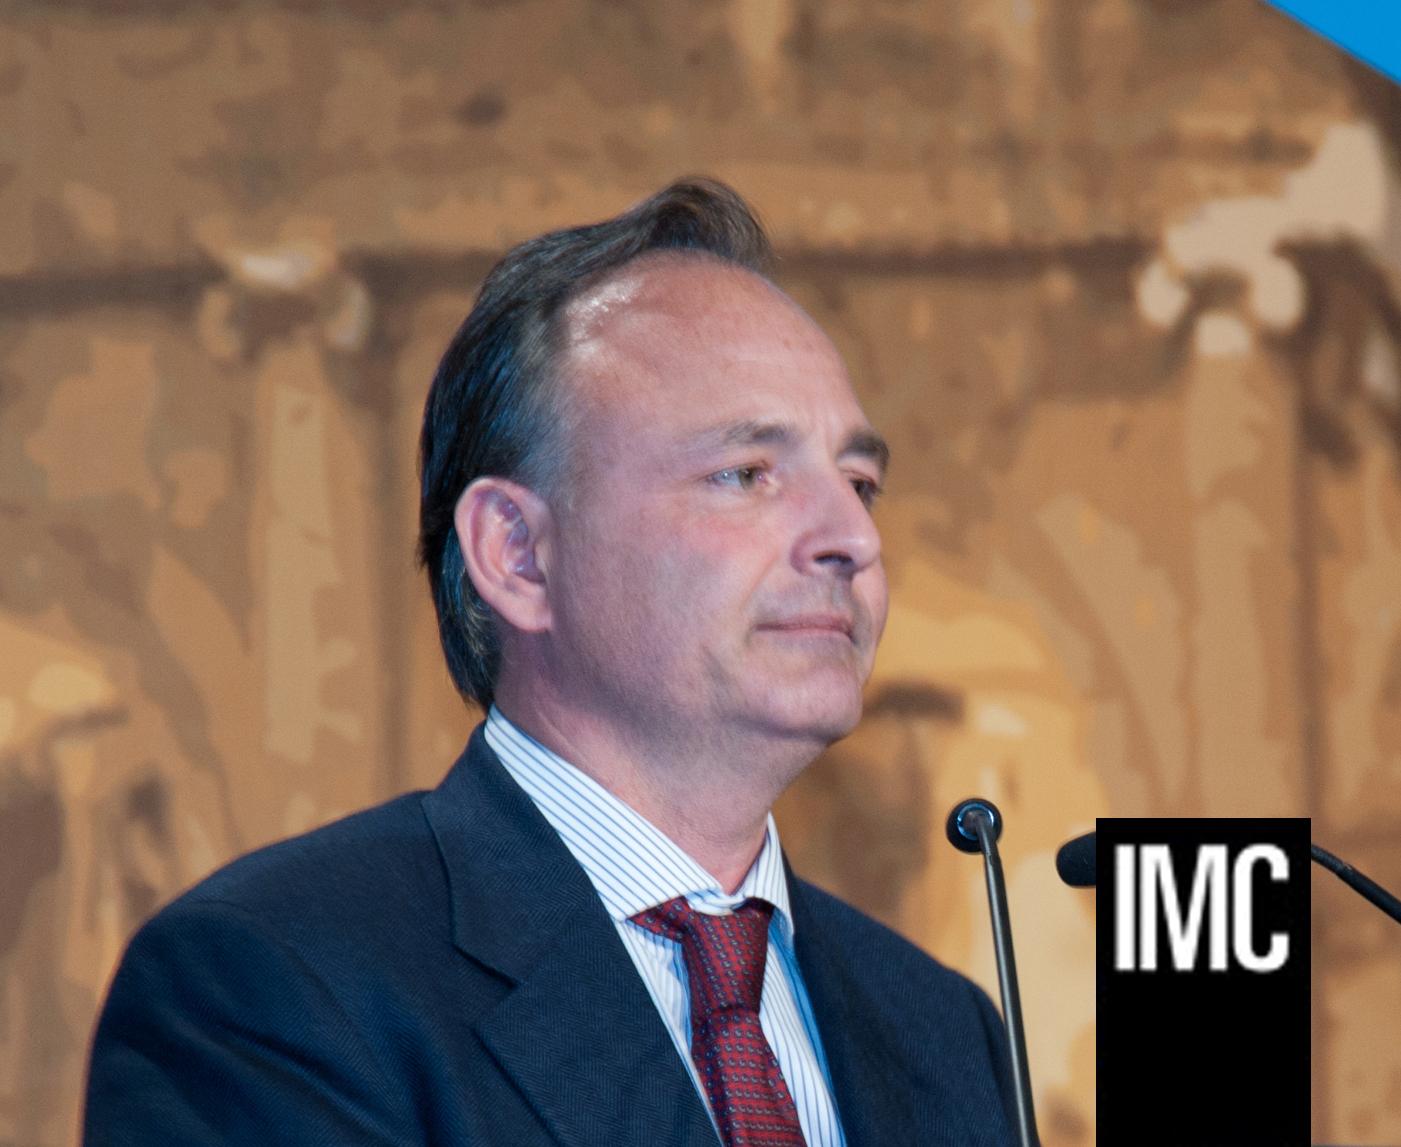 Alfonso Santangelo primo piano IMC